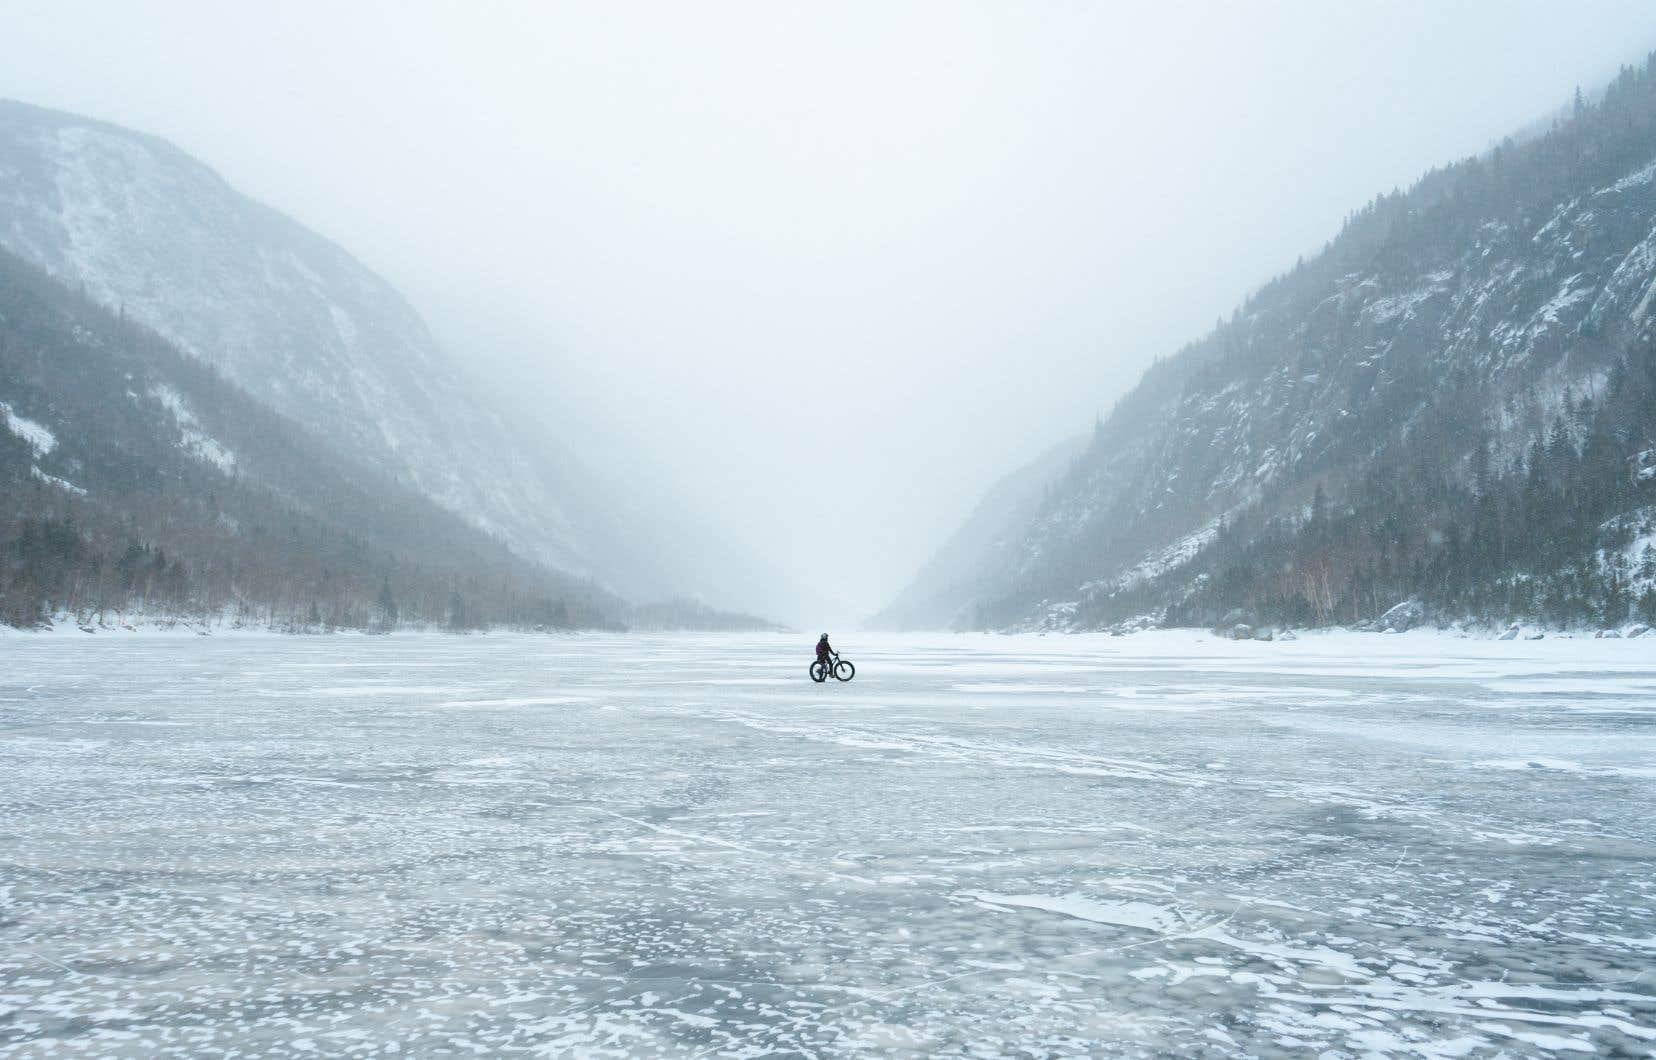 Dans Charlevoix, les congressistes peuvent s'adonner au «fatbike» dans le parc national des Hautes-Gorges-de-la-Rivière-Malbaie, entre deux réunions d'affaires.